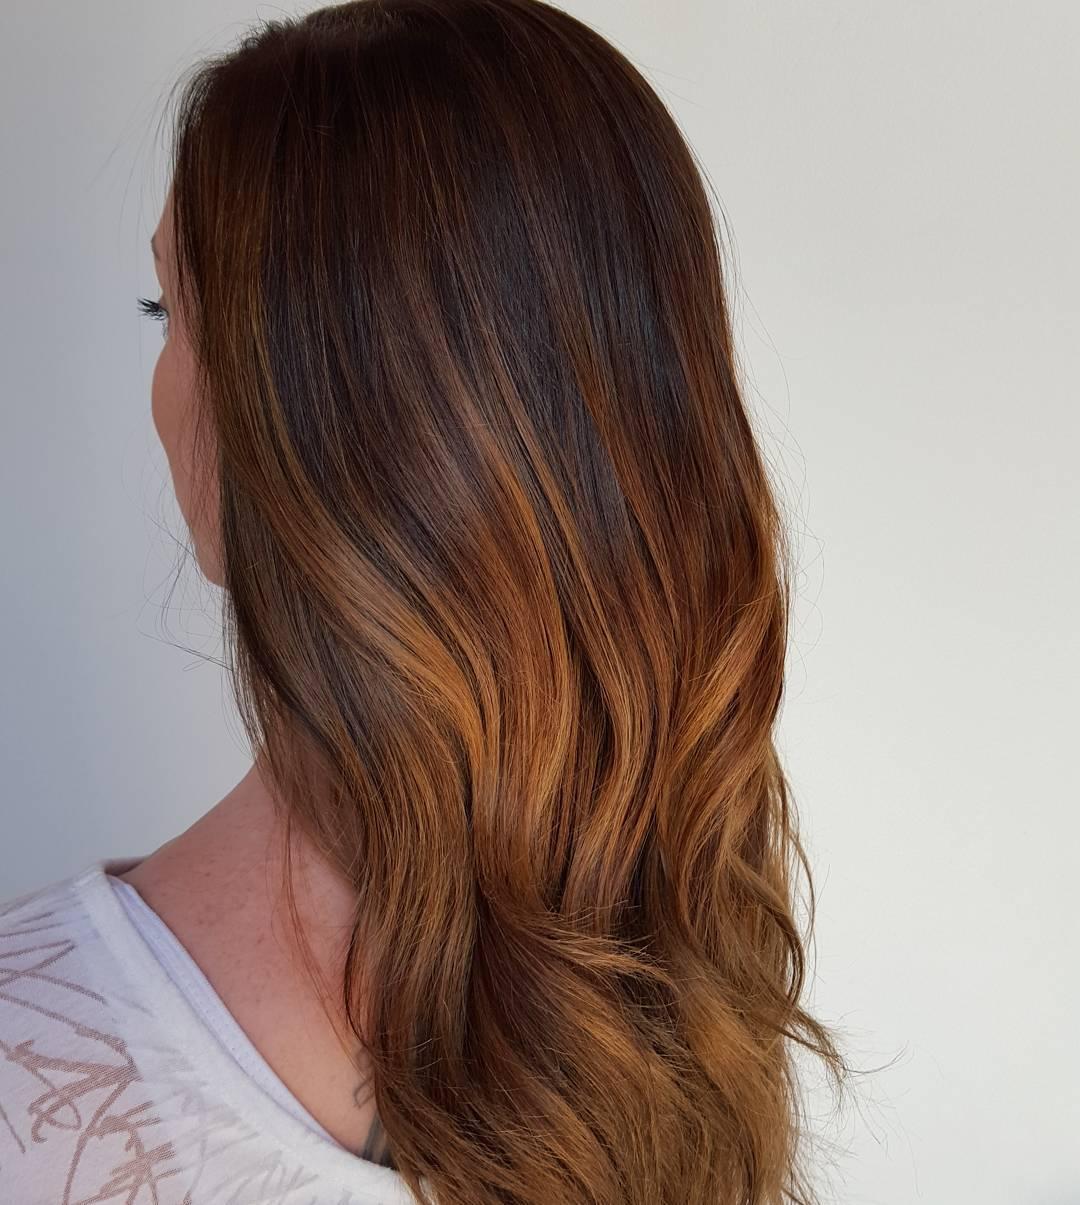 Окрашивание волос 2018 двухцветное